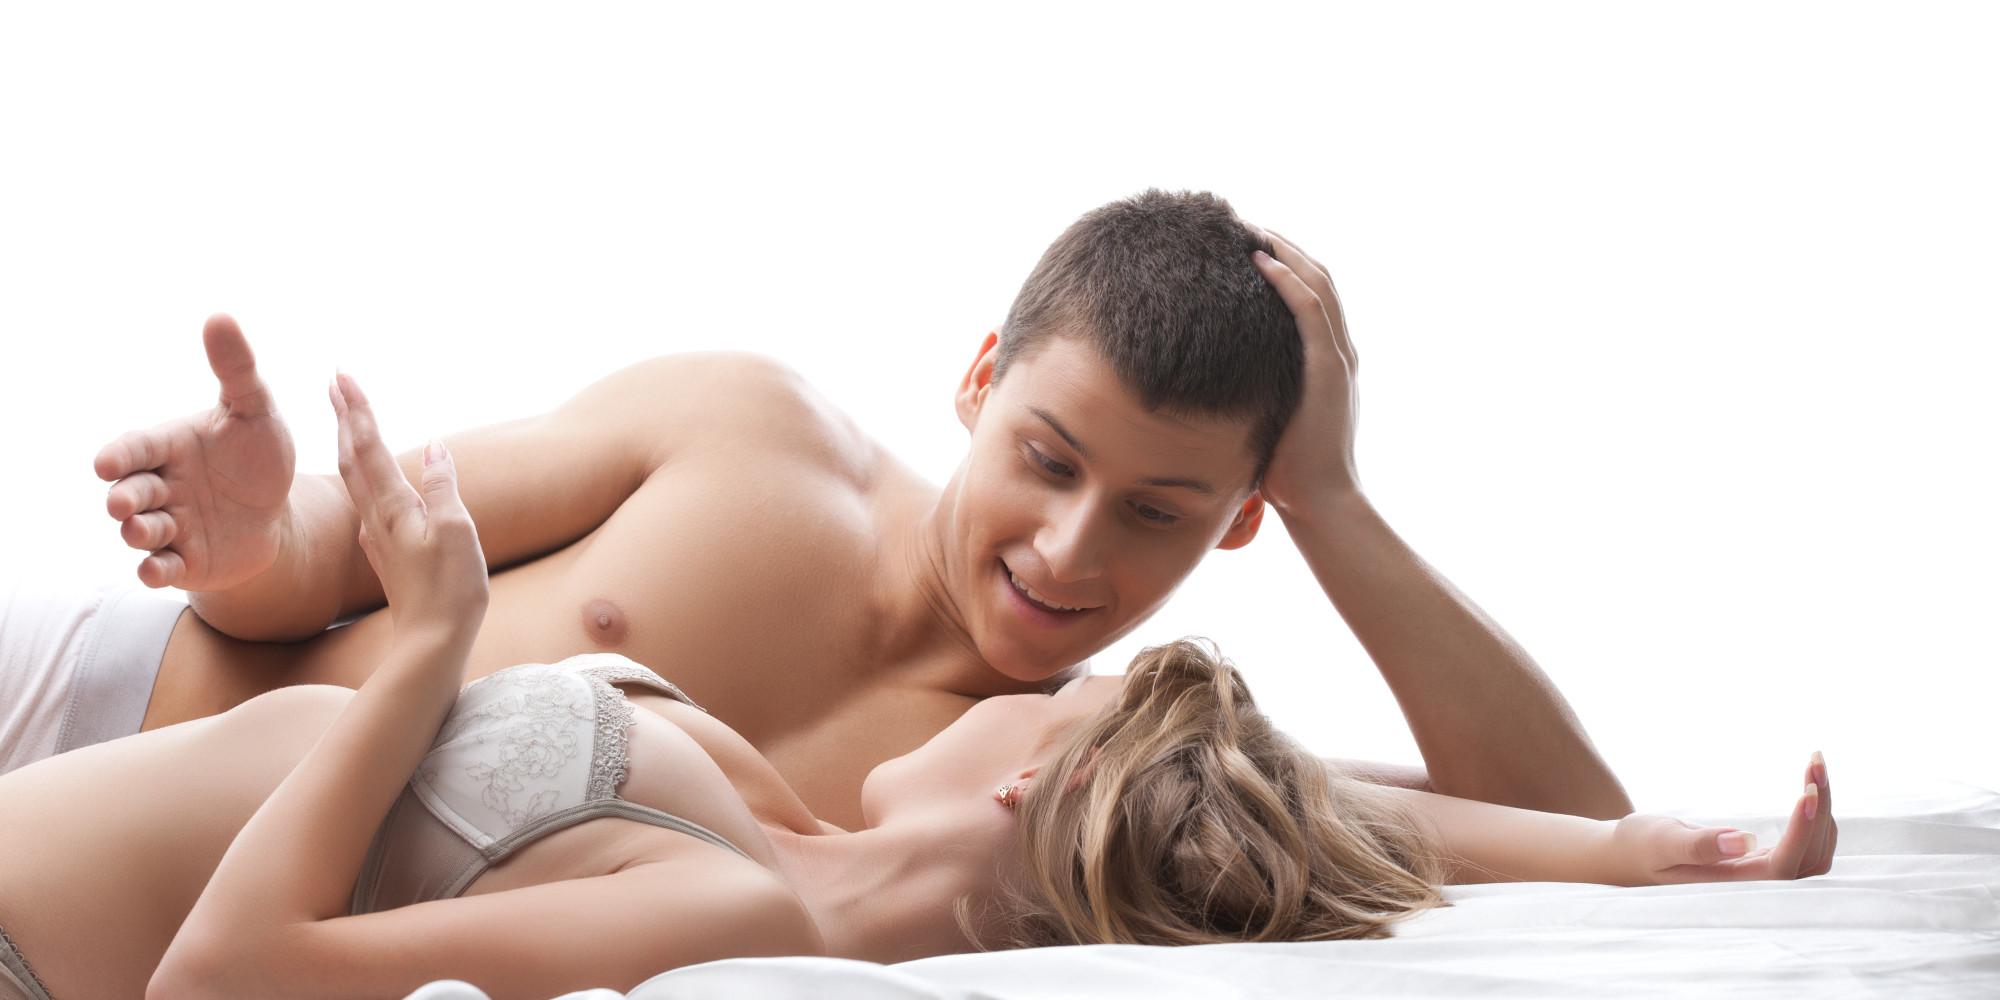 Что нудно знать о половом контакте 11 фотография